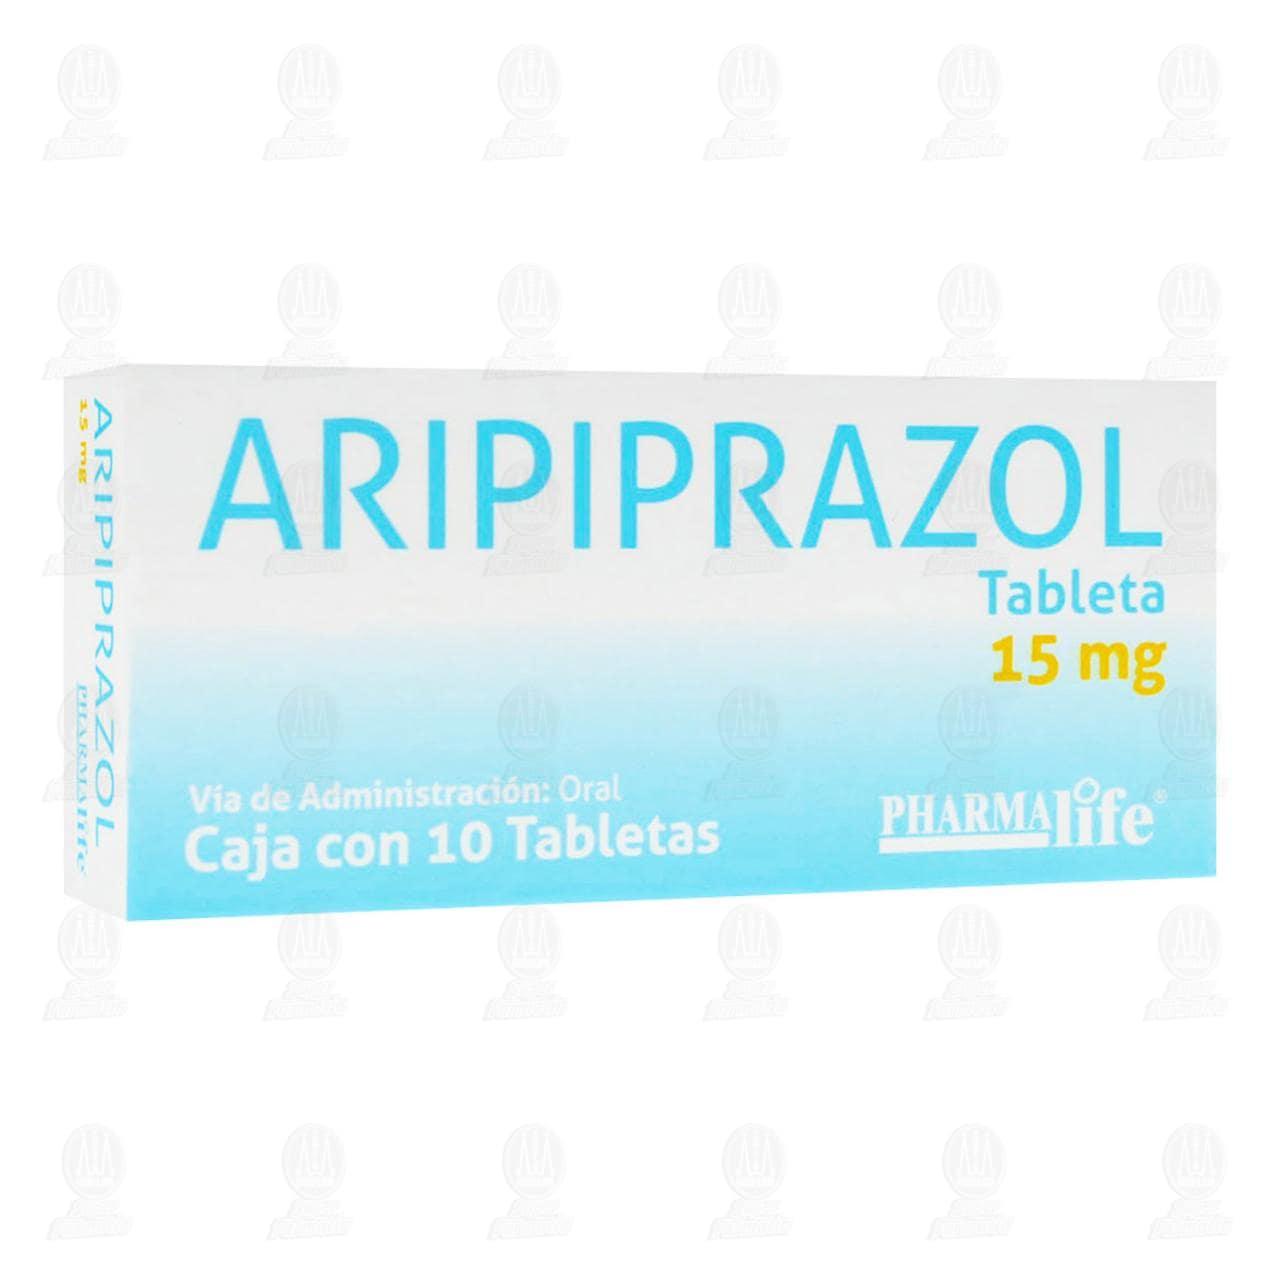 comprar https://www.movil.farmaciasguadalajara.com/wcsstore/FGCAS/wcs/products/1280929_A_1280_AL.jpg en farmacias guadalajara